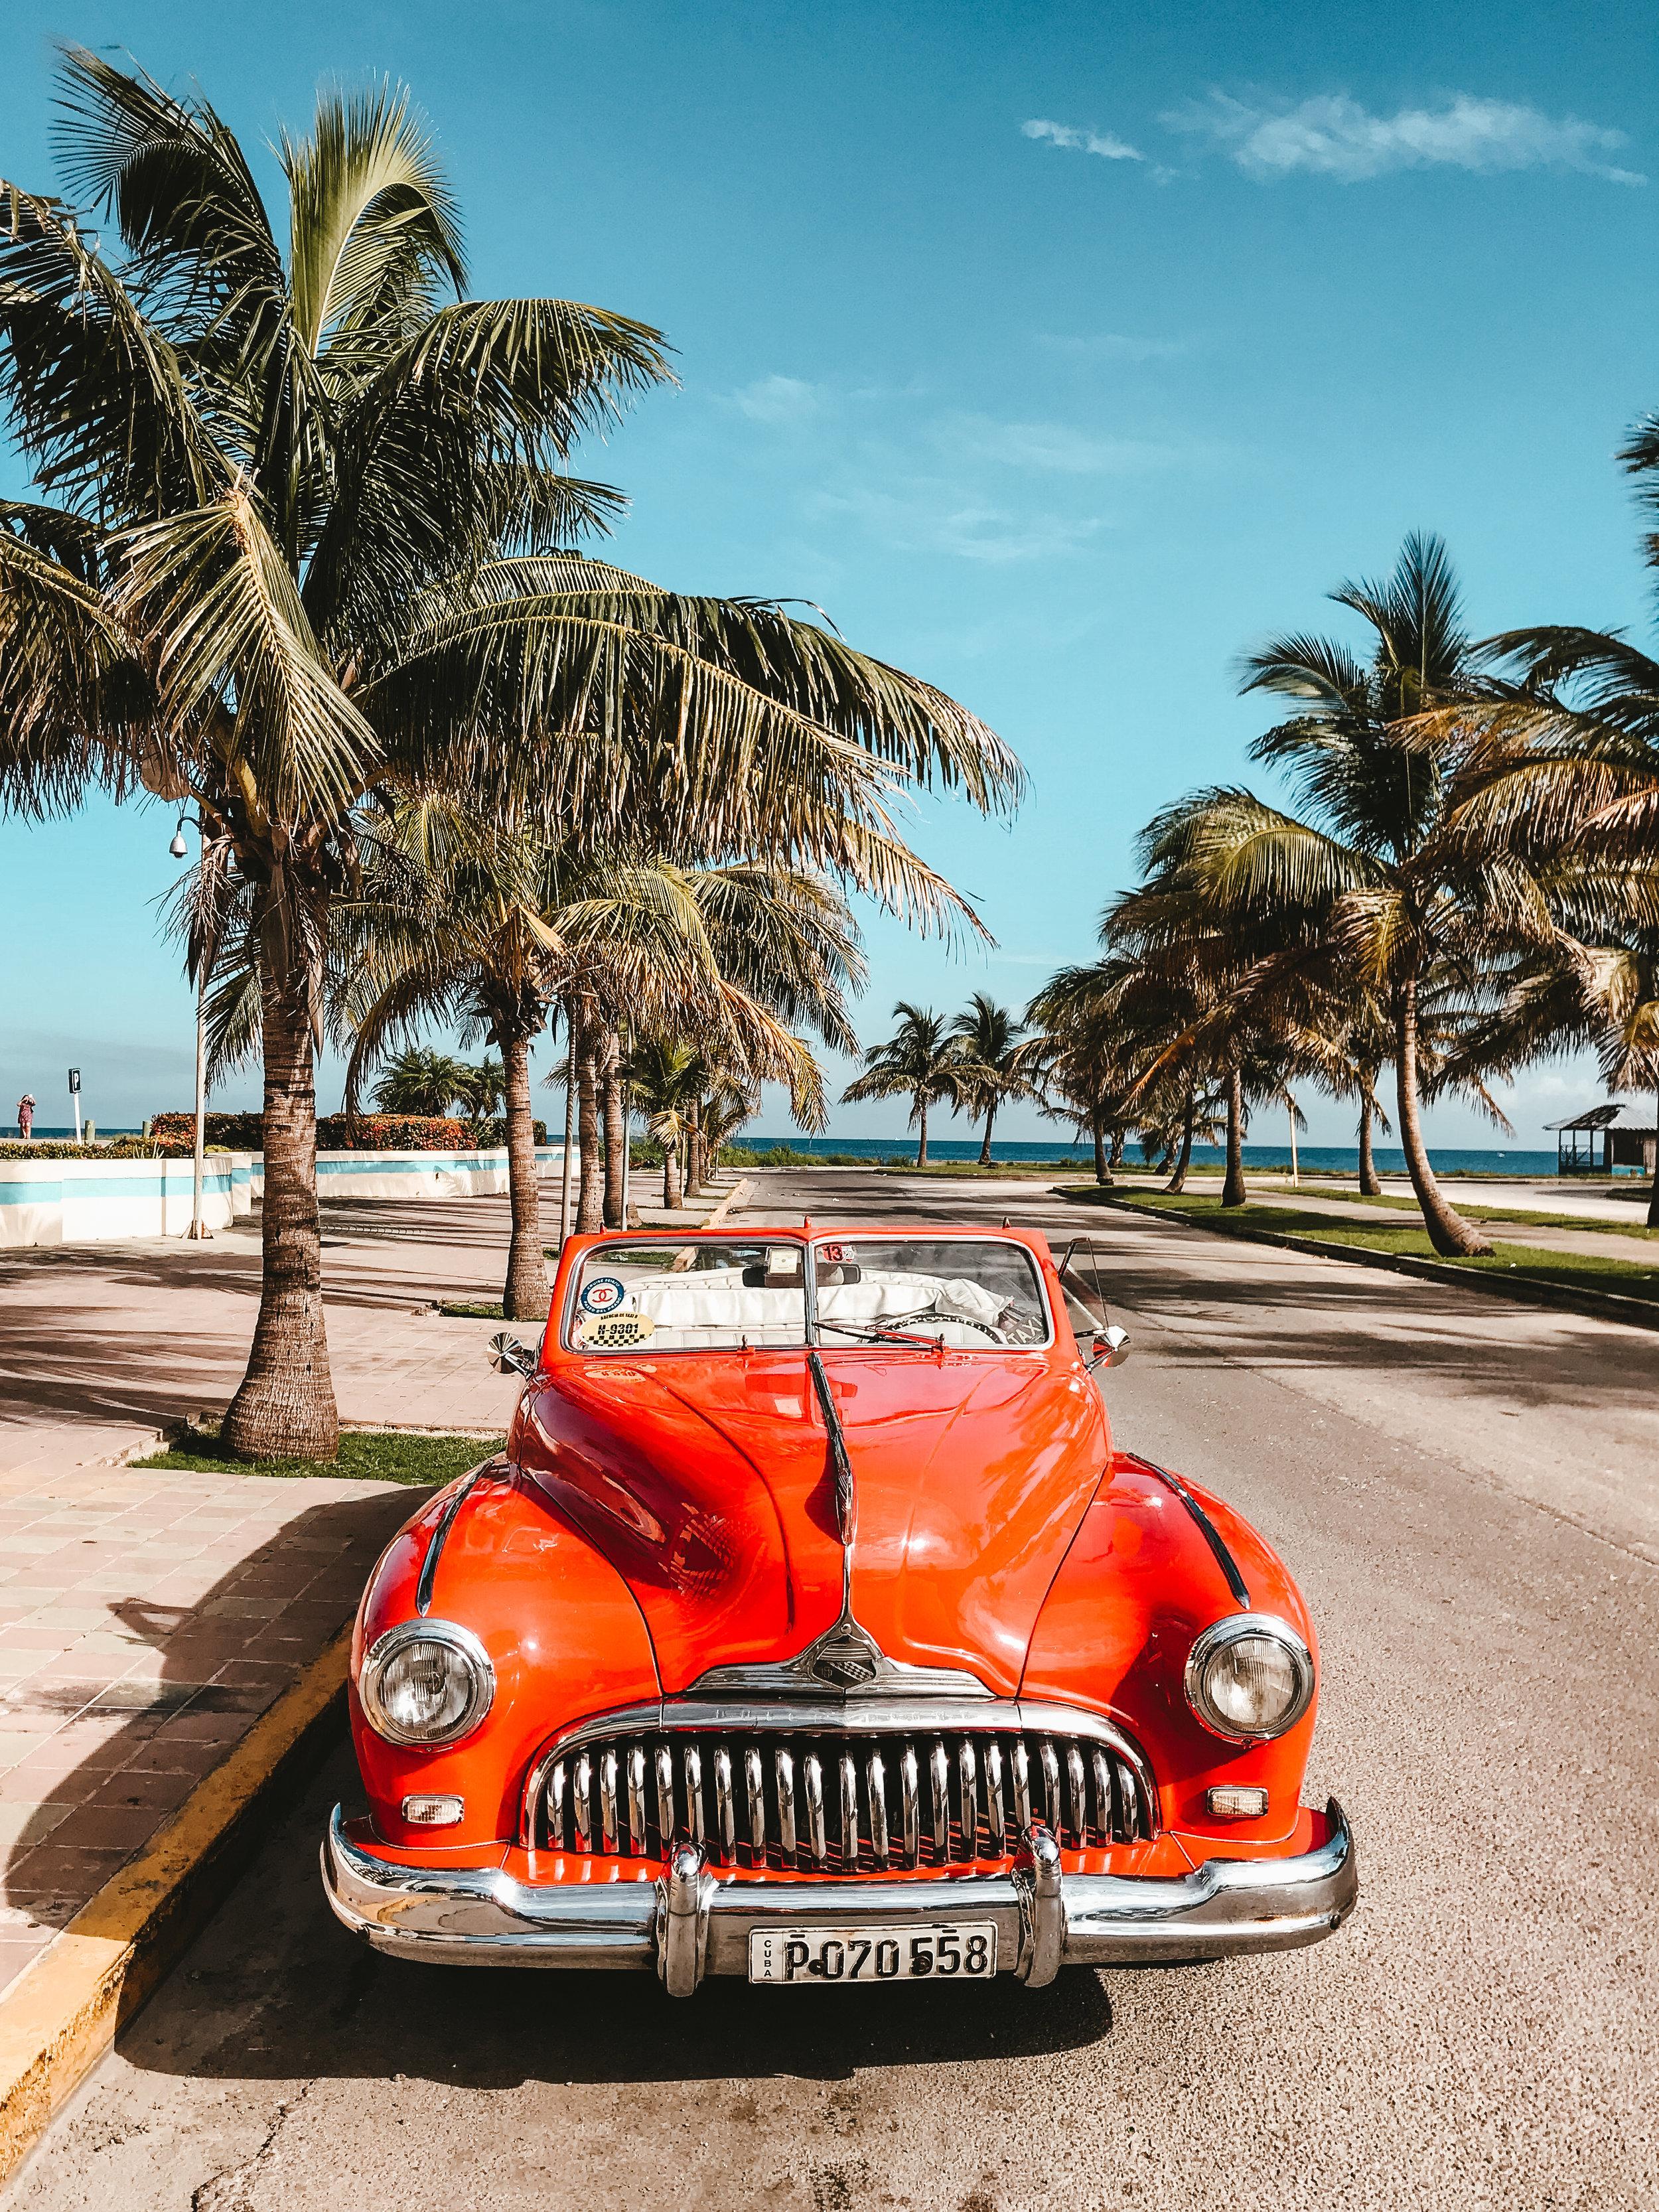 ¿Debes cancelar tu viaje? - La respuesta es NO. No debes cancelar tu viaje si ya lo tenías en agenda. Tampoco debes desechar tus planes si pensabas viajar en un futuro cercano. Al momento nada parece indicar que se implantrán restricciones demasiado prohibitivas en un futuro cercano. Sí es importante que te asegures que sigas cumpliendo con una de las 11 -son 12 pero con la nueva restricción basicamente podrás solo utilizar 11- categorías que te permite el Gobierno de USA para viajar a Cuba.